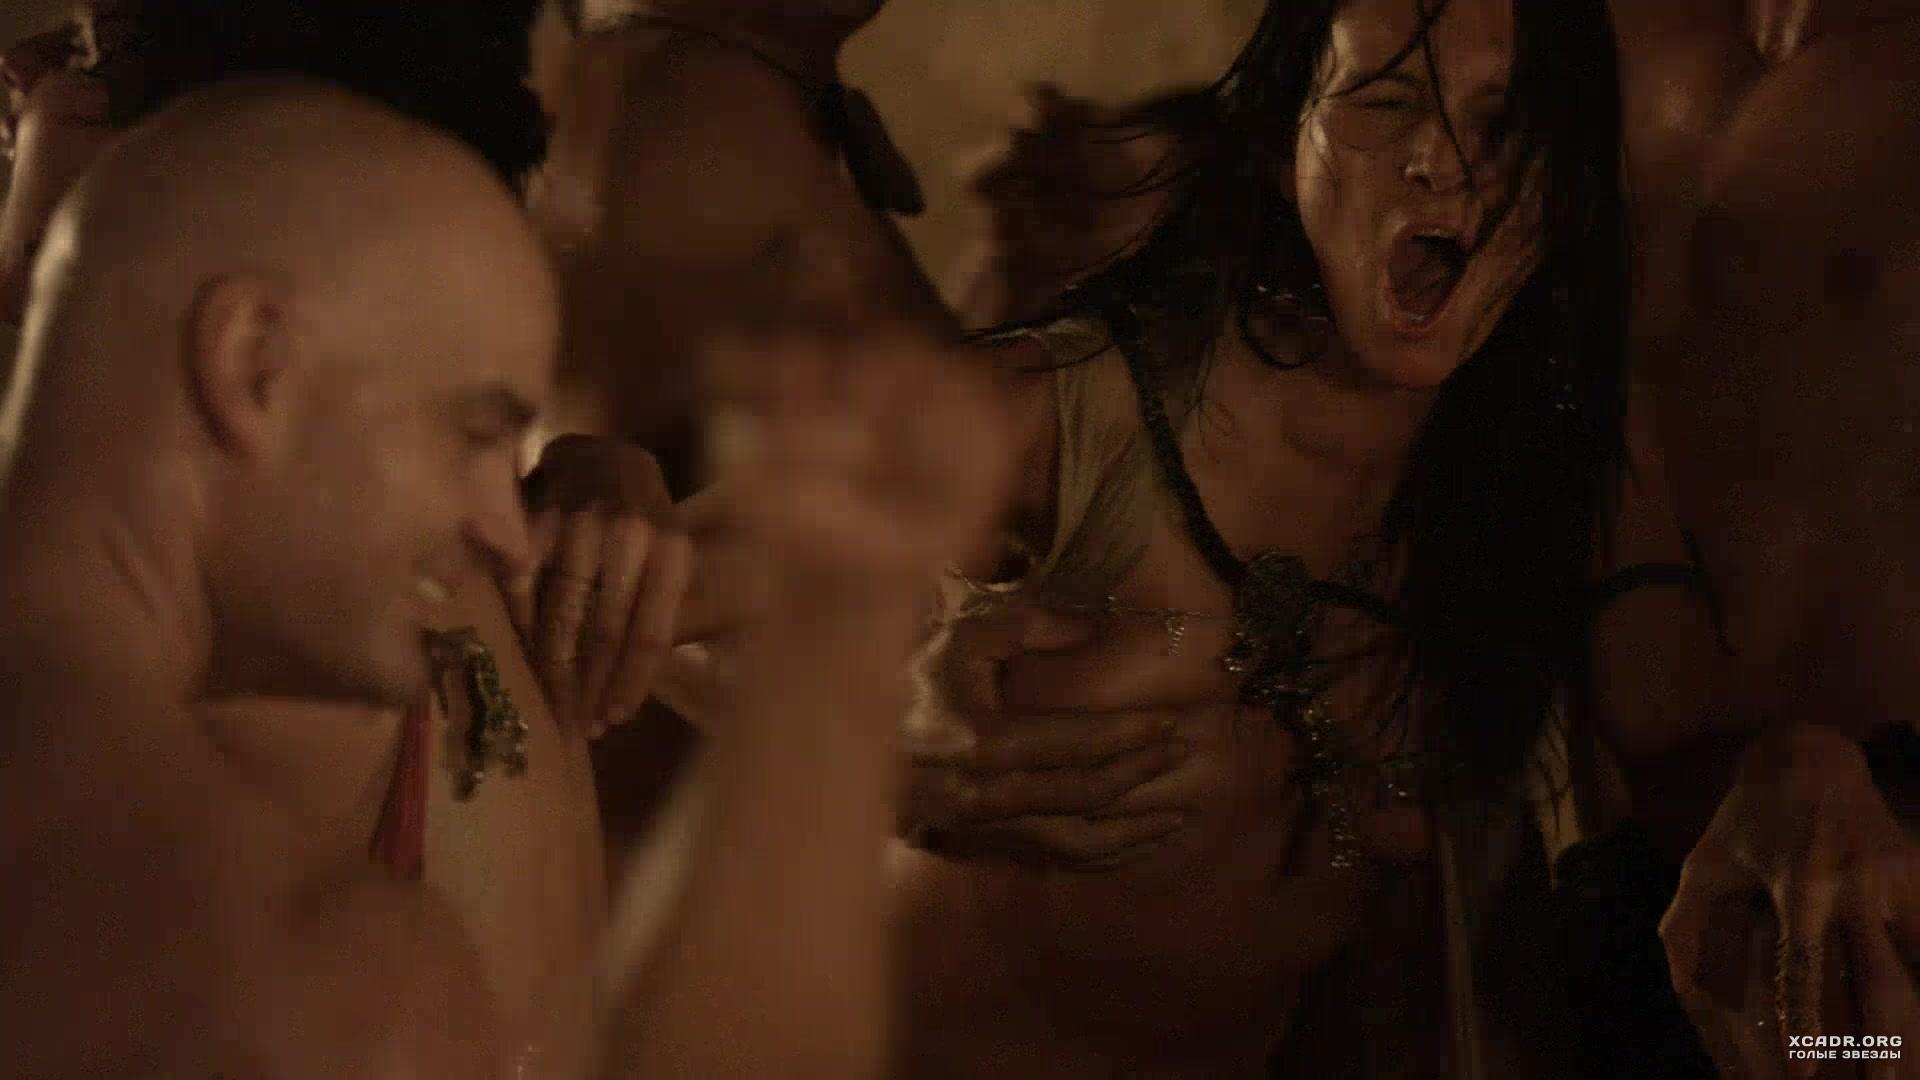 Видео секс порно эпизоды в эро фильмах подарил жену